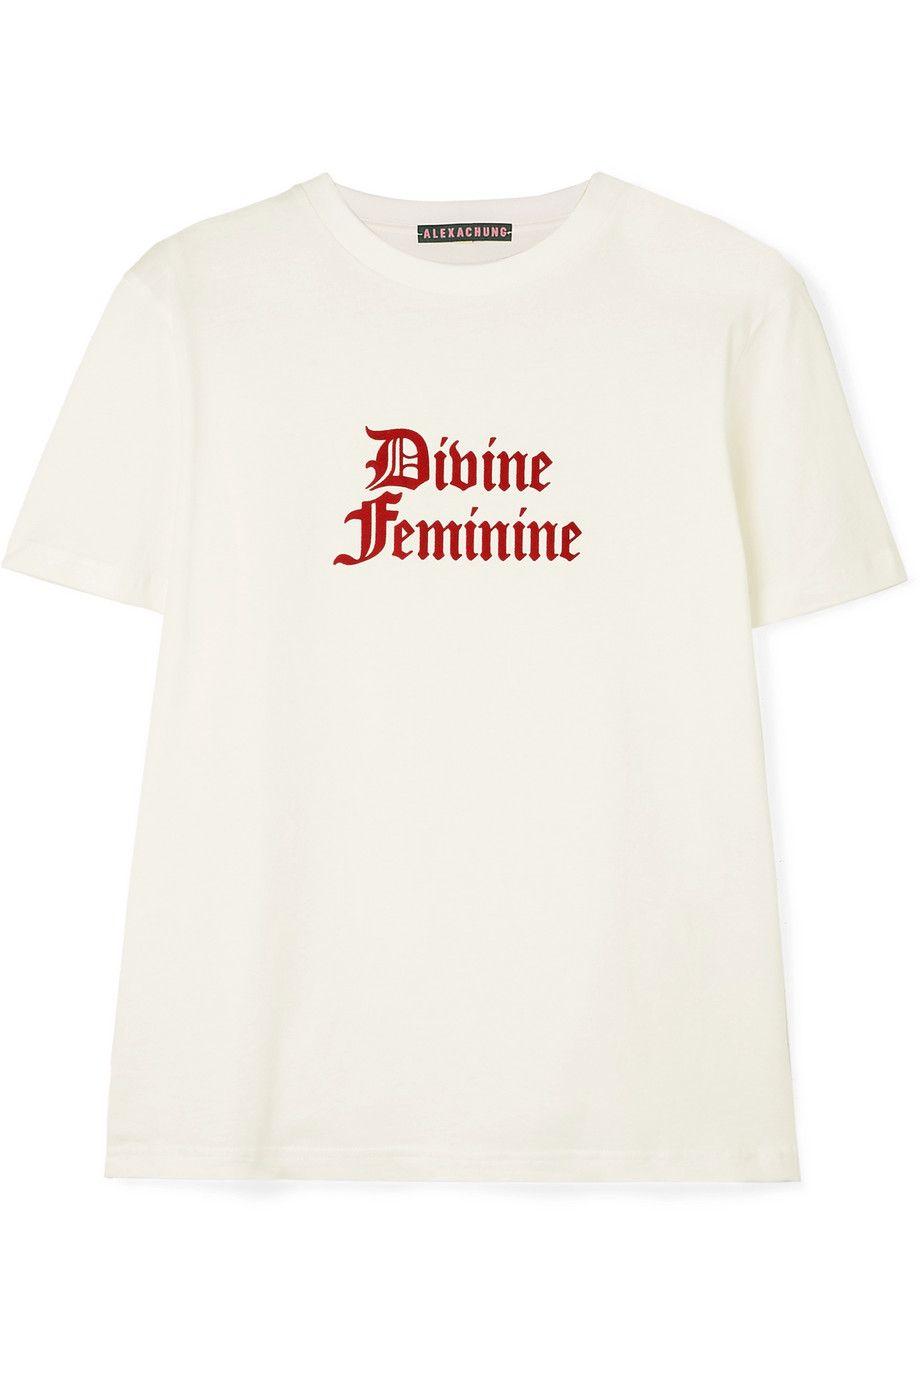 Net A Porter International Womens Day T Shirt